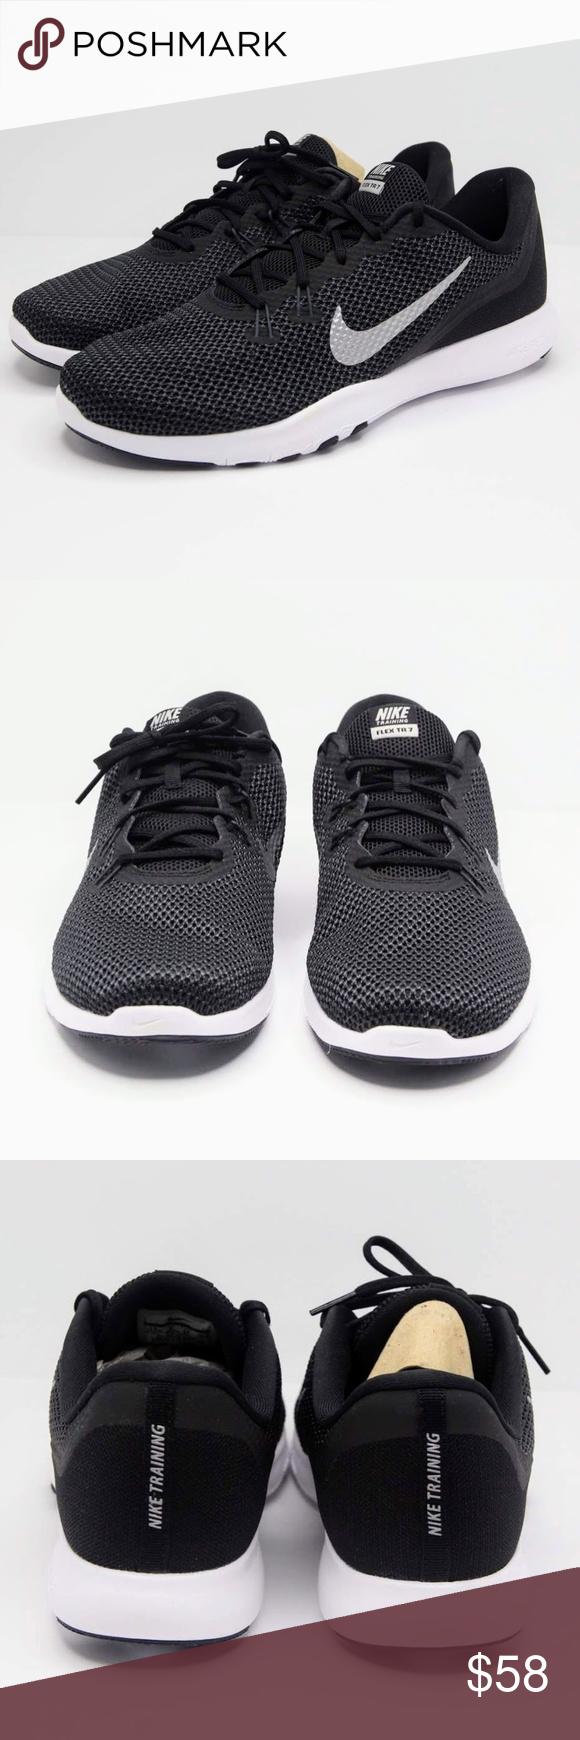 Women's Nike Flex Trainer 11 Wide Women